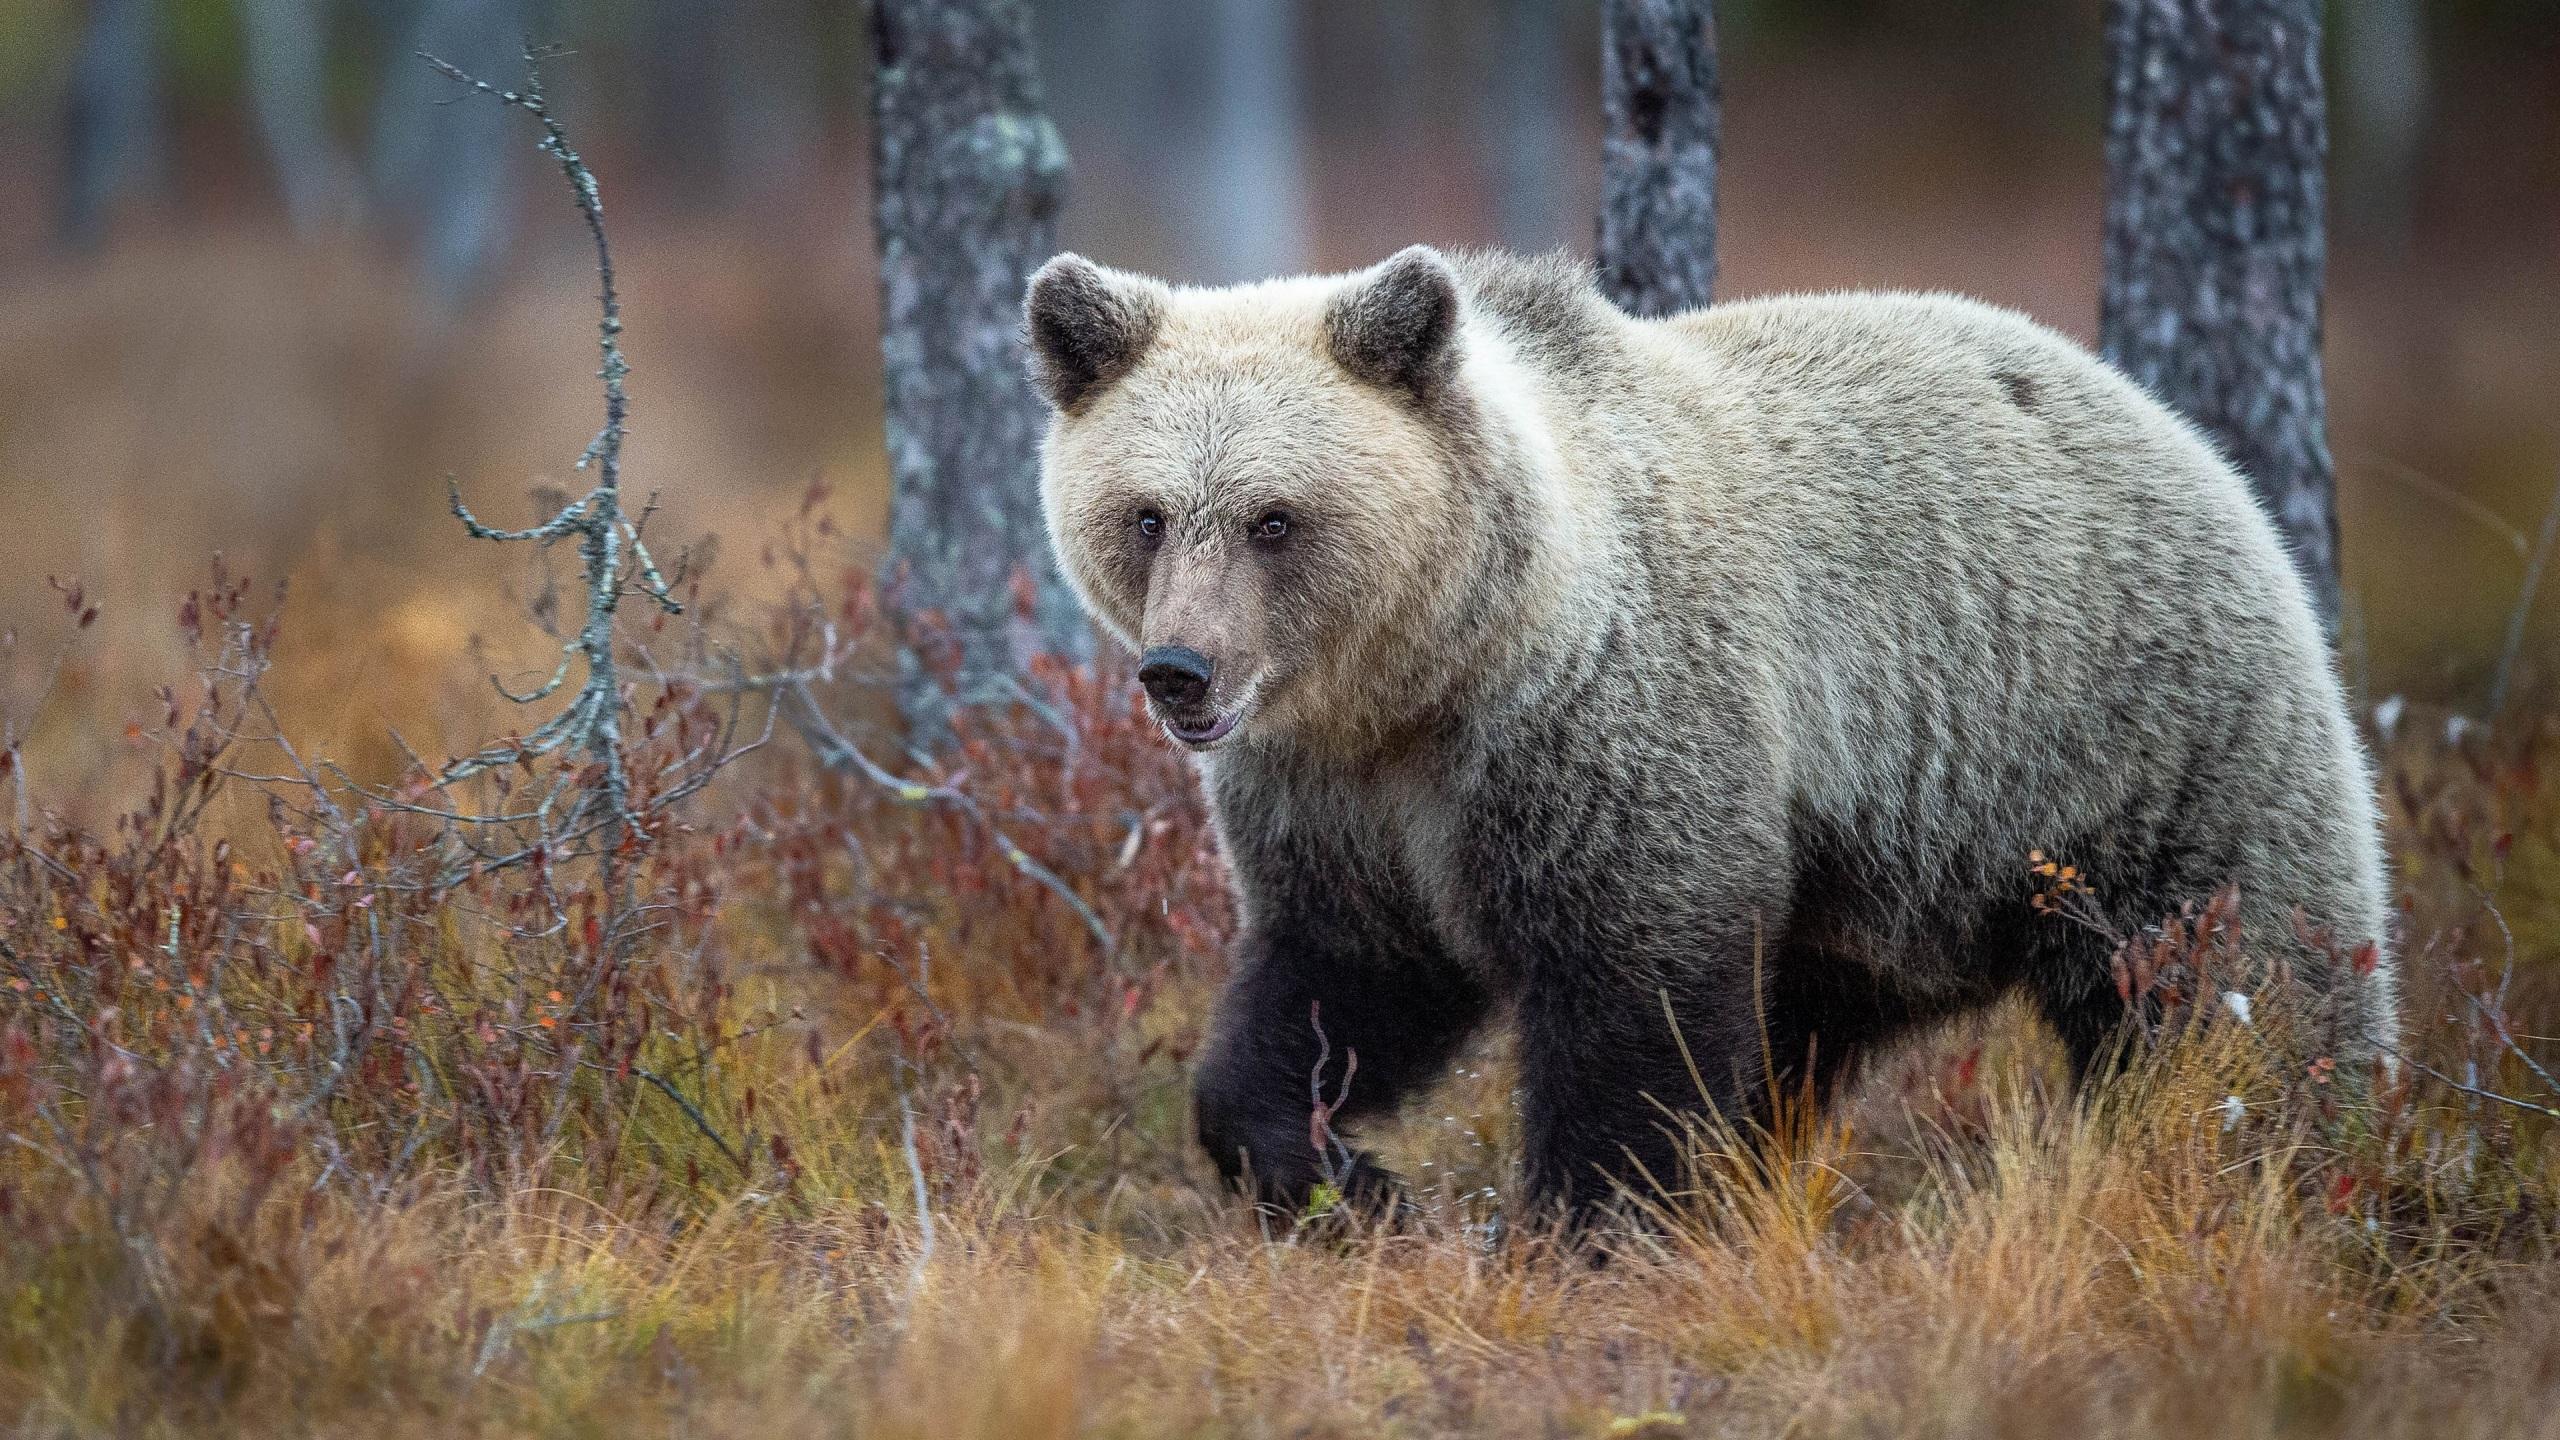 Обои для рабочего стола Медведи Осень Трава животное 2560x1440 медведь осенние траве Животные